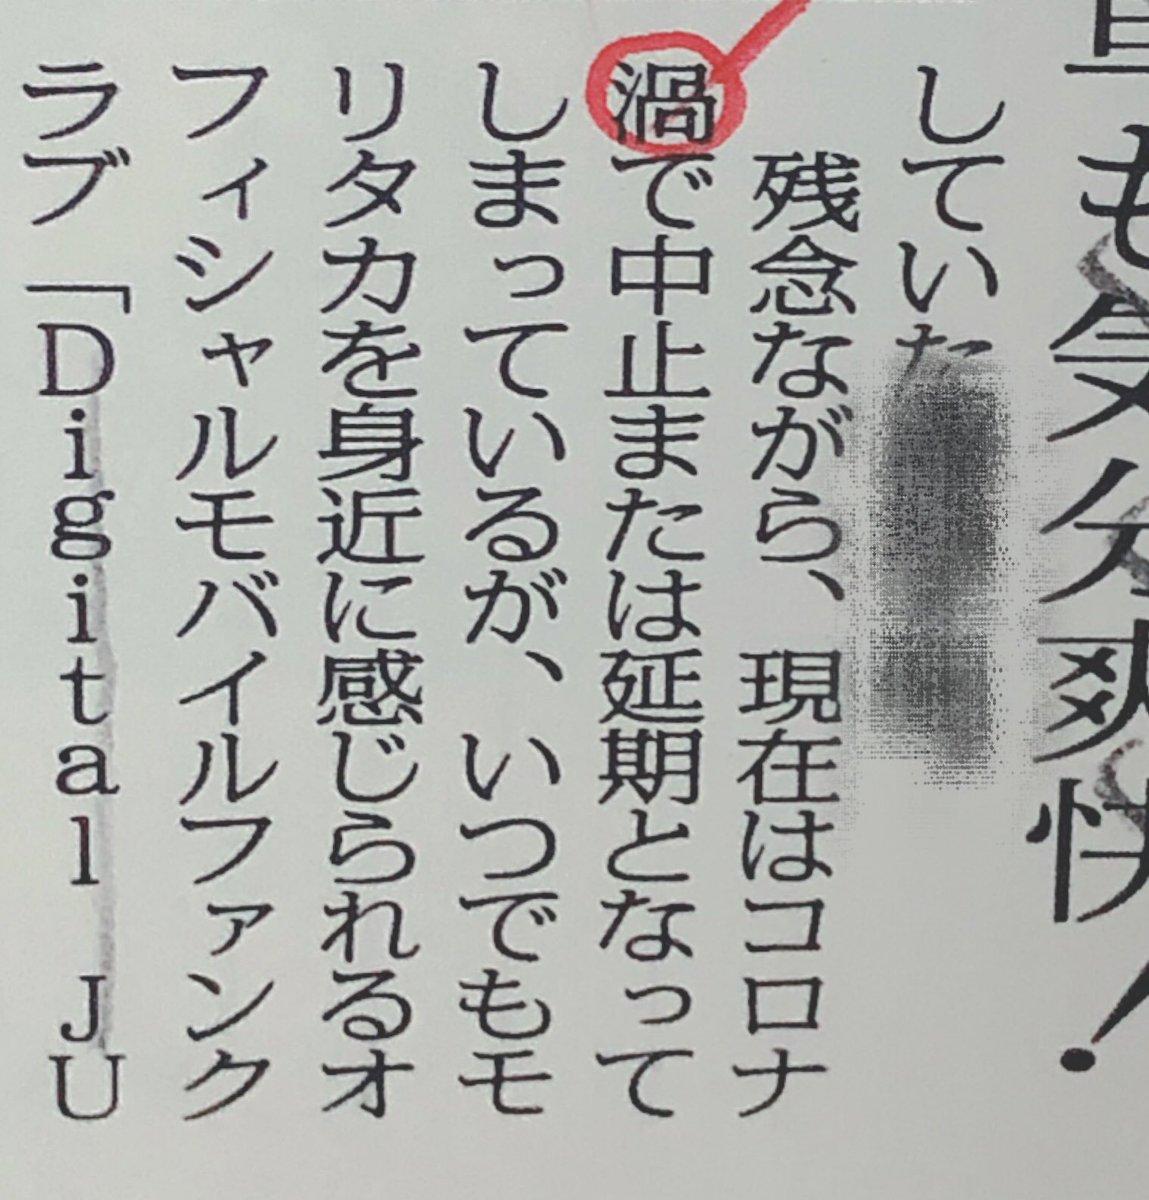 漢字 な 渦 みたい